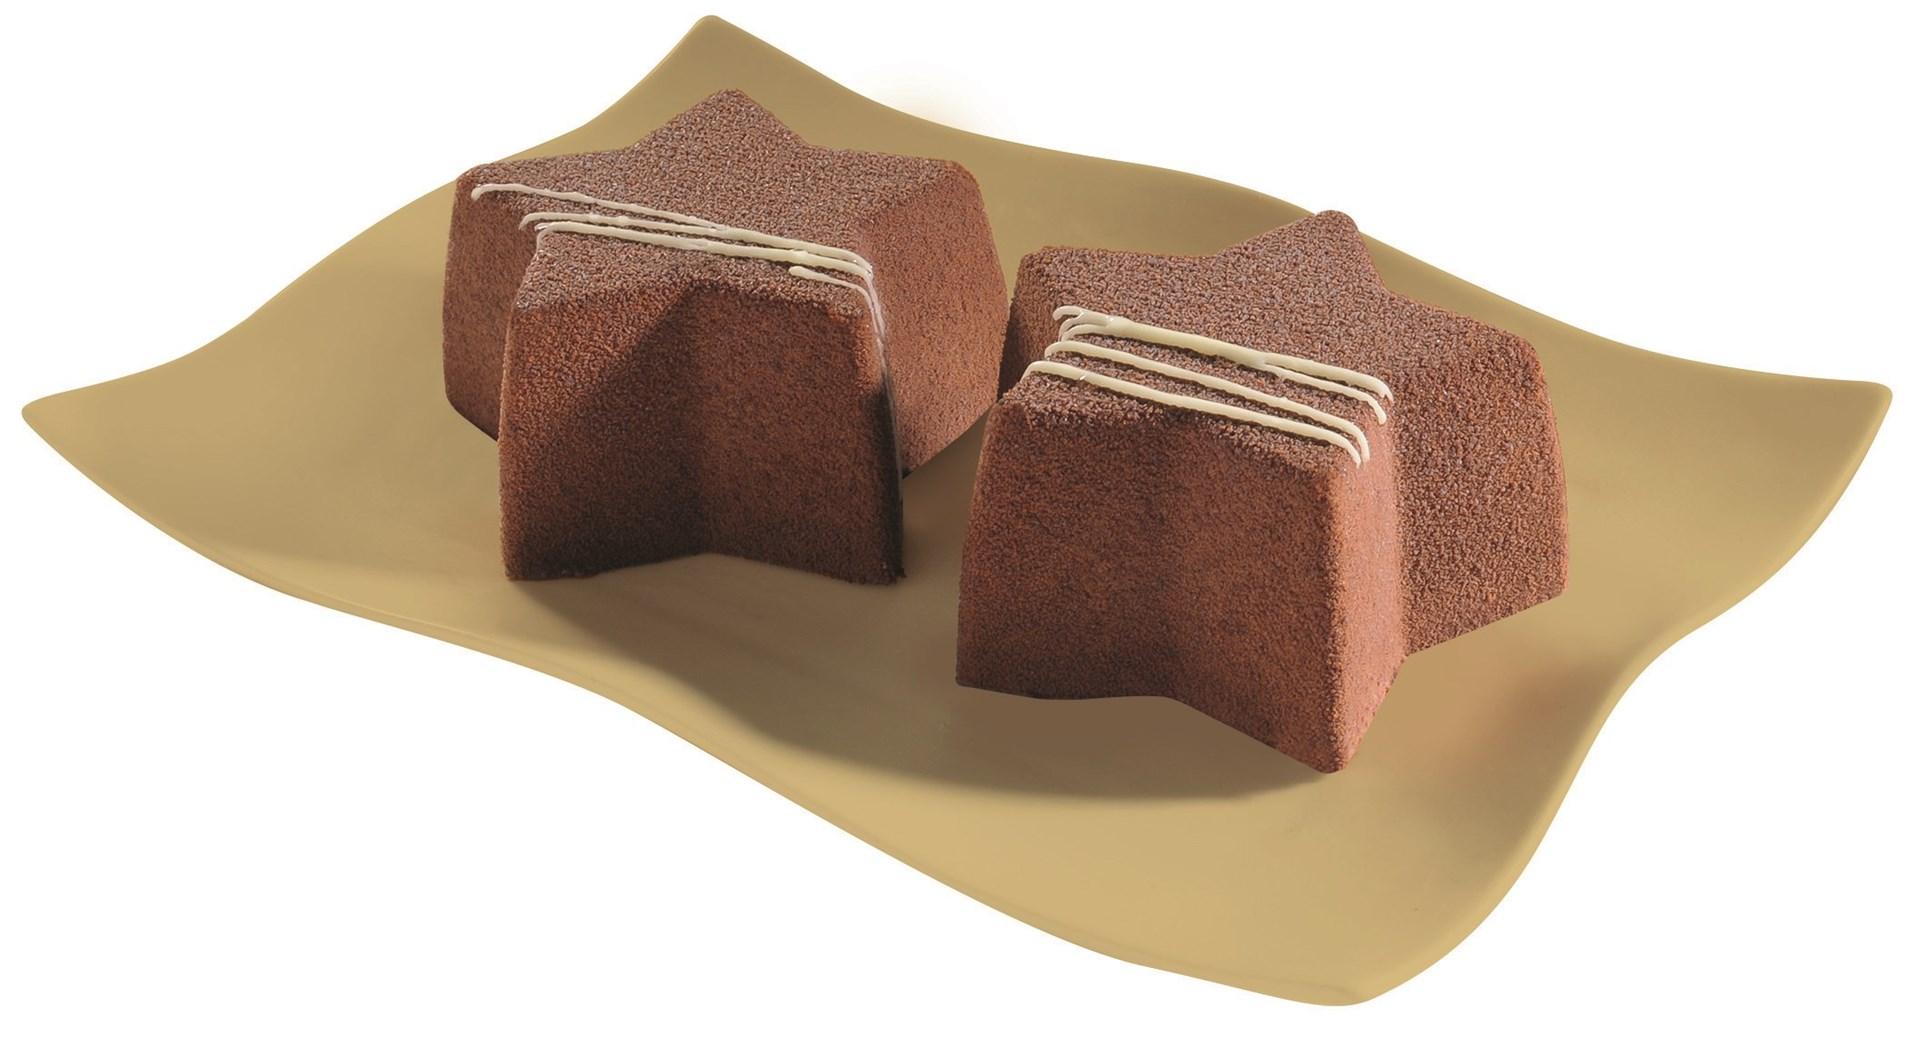 Productafbeelding Kerst ijssterren Chocolade/Salted Caramel